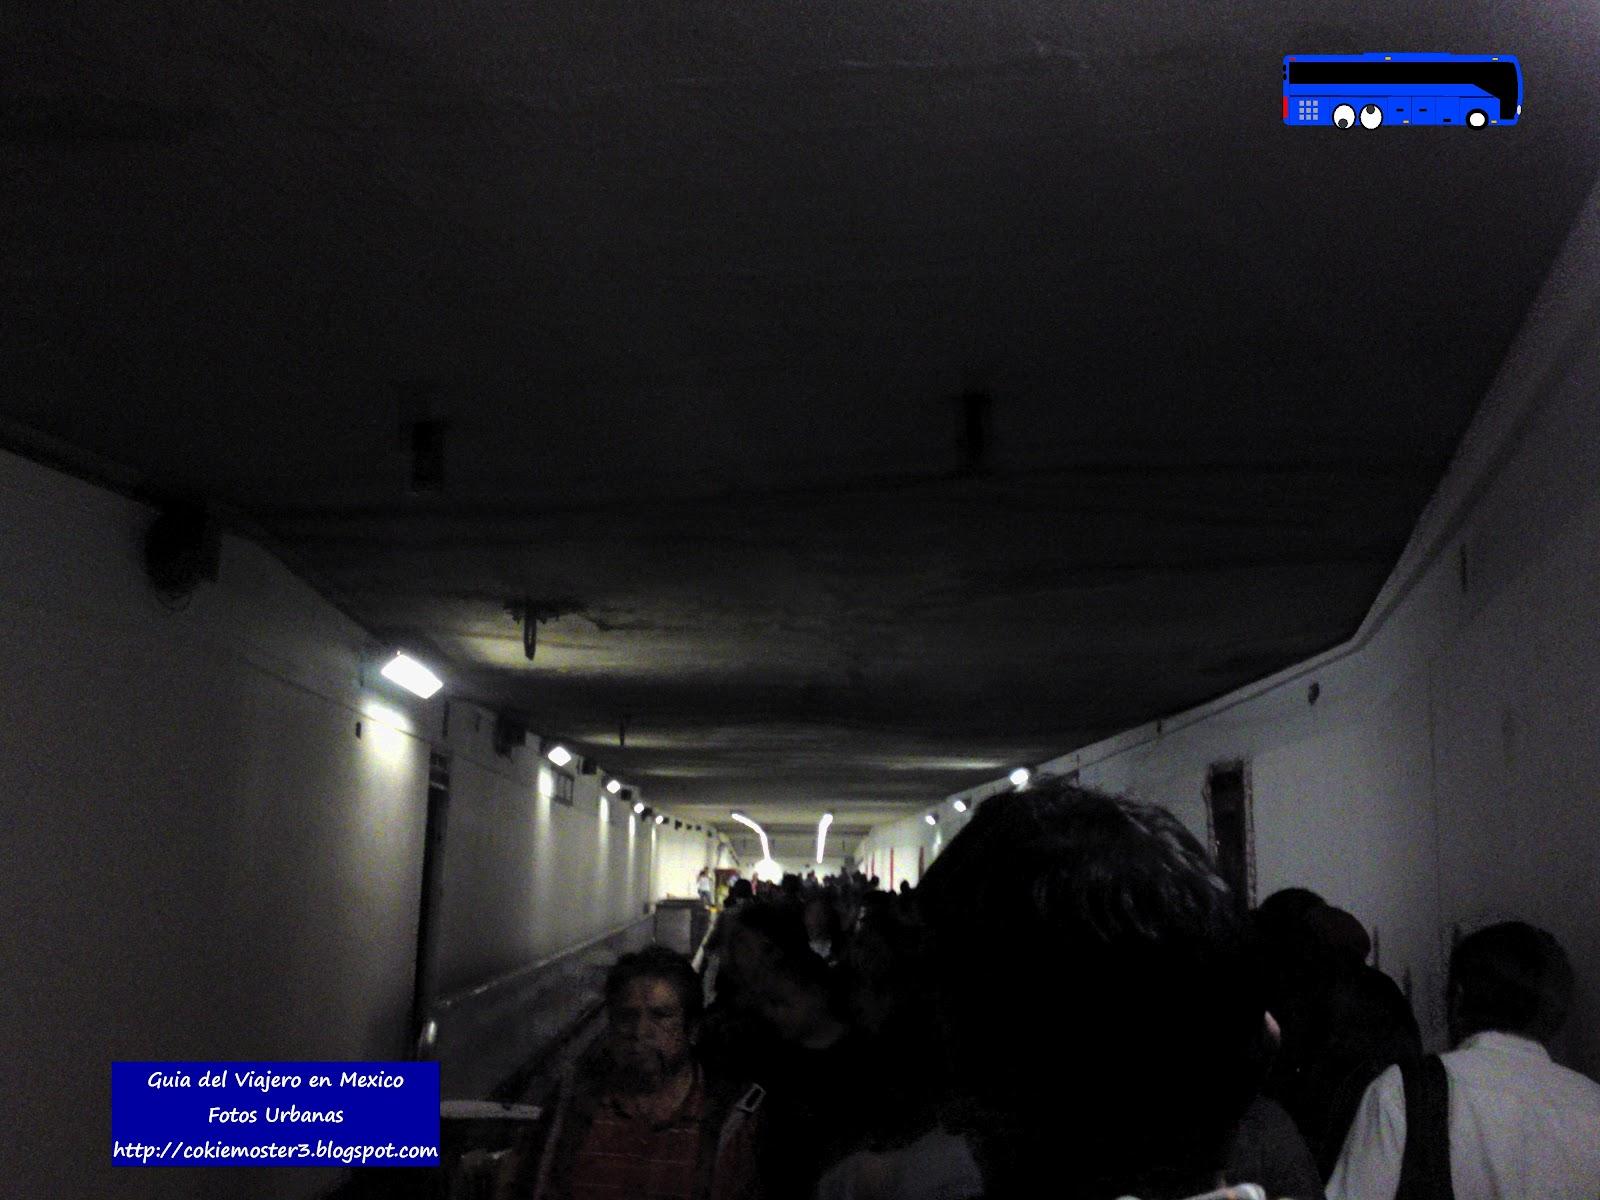 Puebla alguien la conoce se ve q es bien puta - 1 part 7